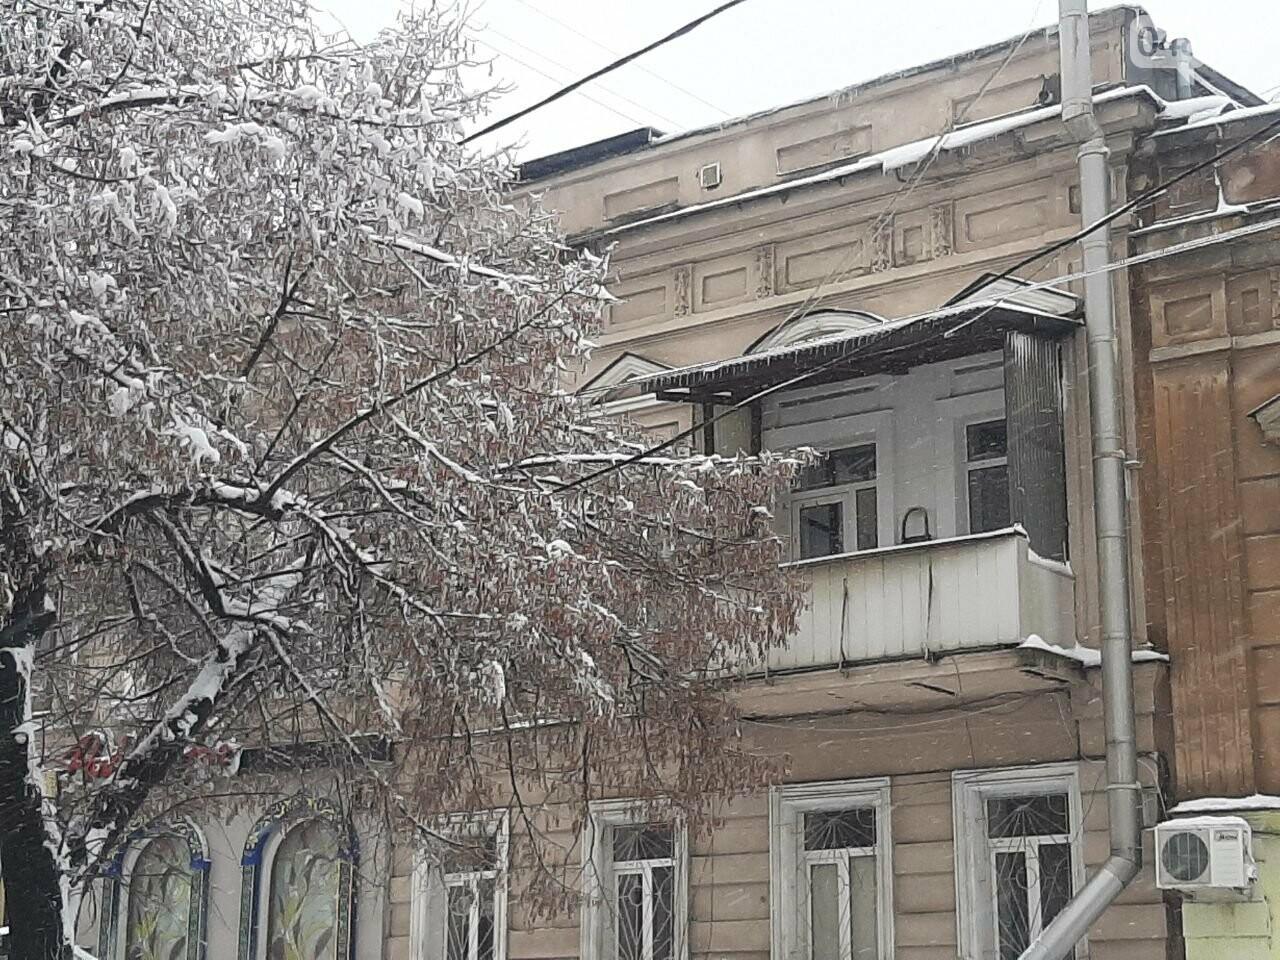 Последствия непогоды в Одессе, - ФОТОРЕПОРТАЖ, фото-1515